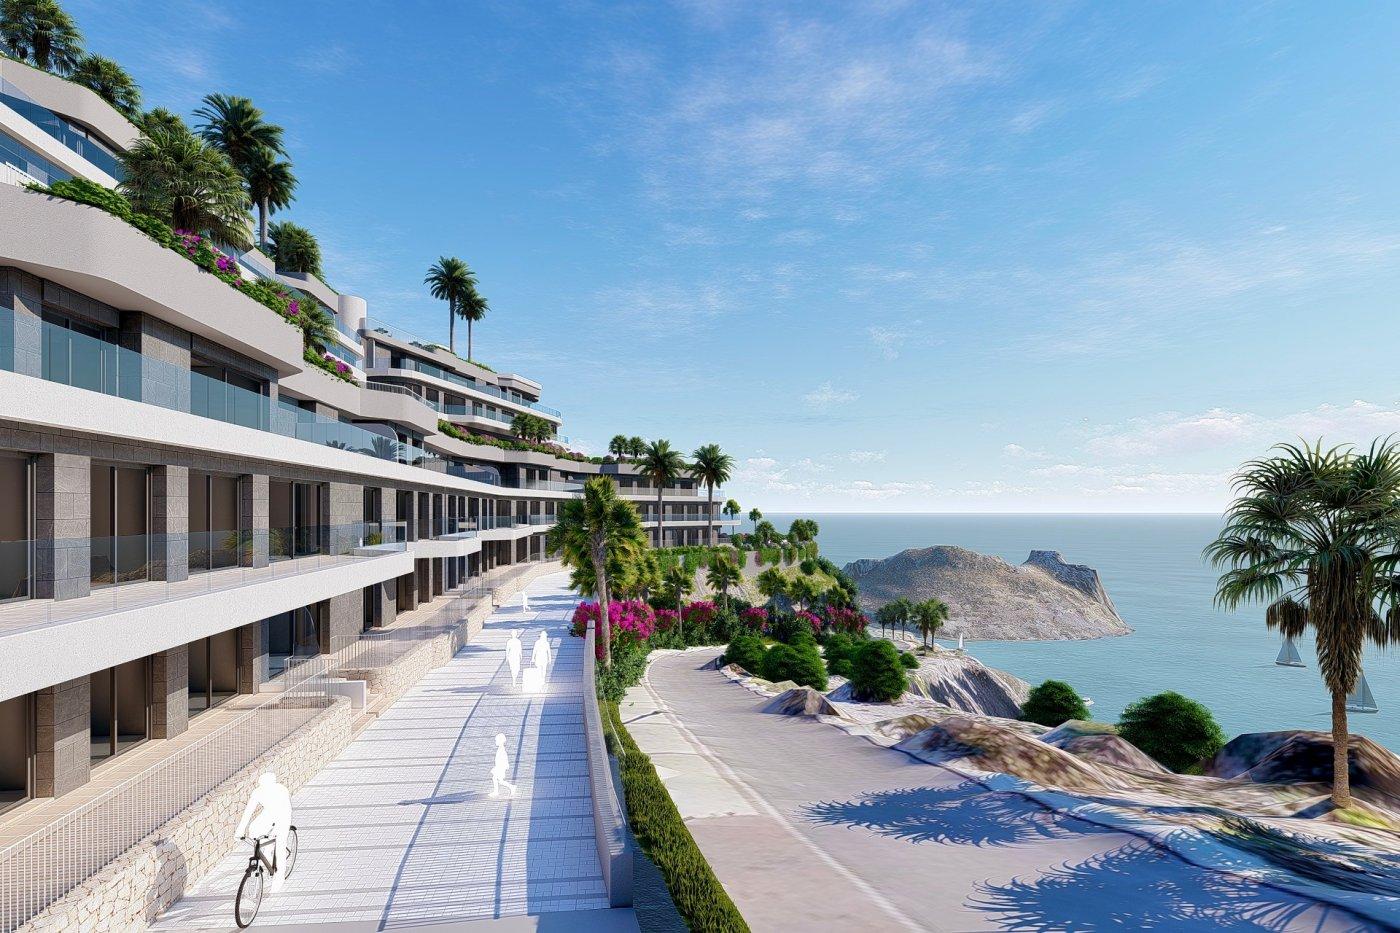 Galleribillede 15 of Uovertruffen panorama udsigt - 3 værelses luksus lejlighed med 2 badeværelser